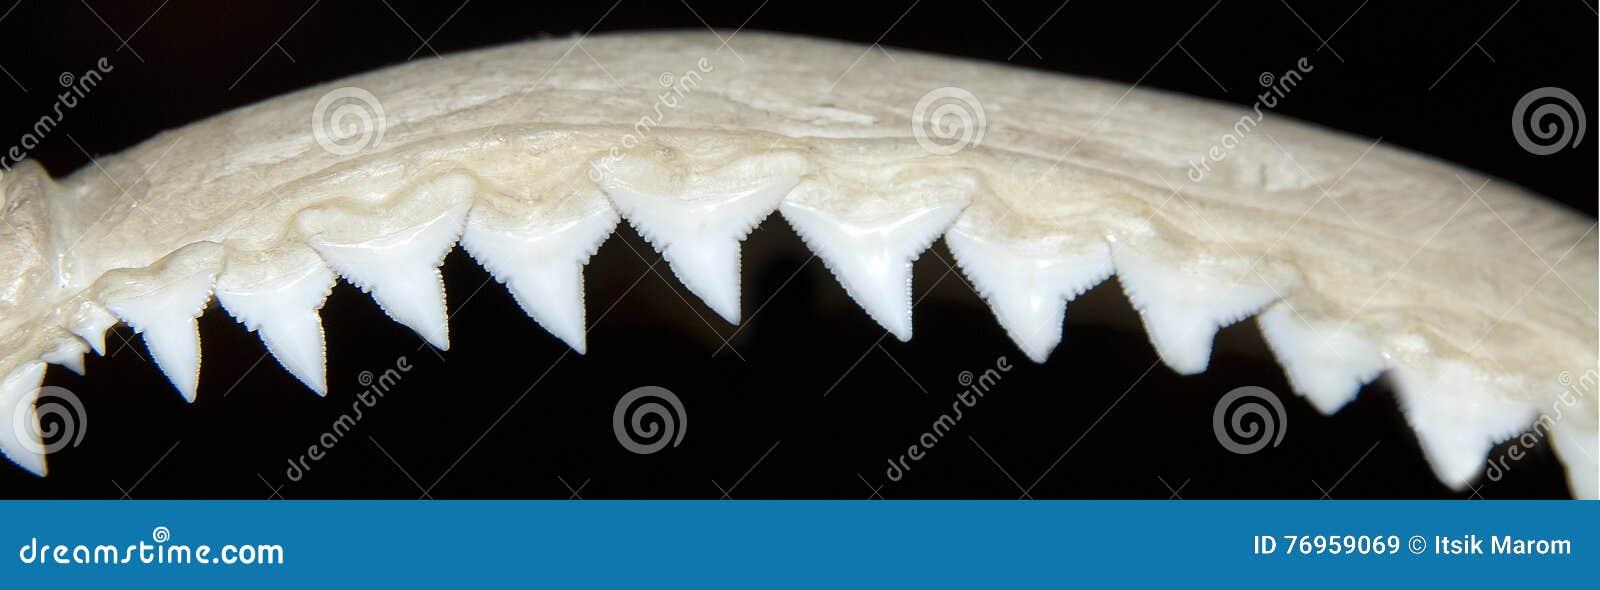 Σειρές δοντιών καρχαριών